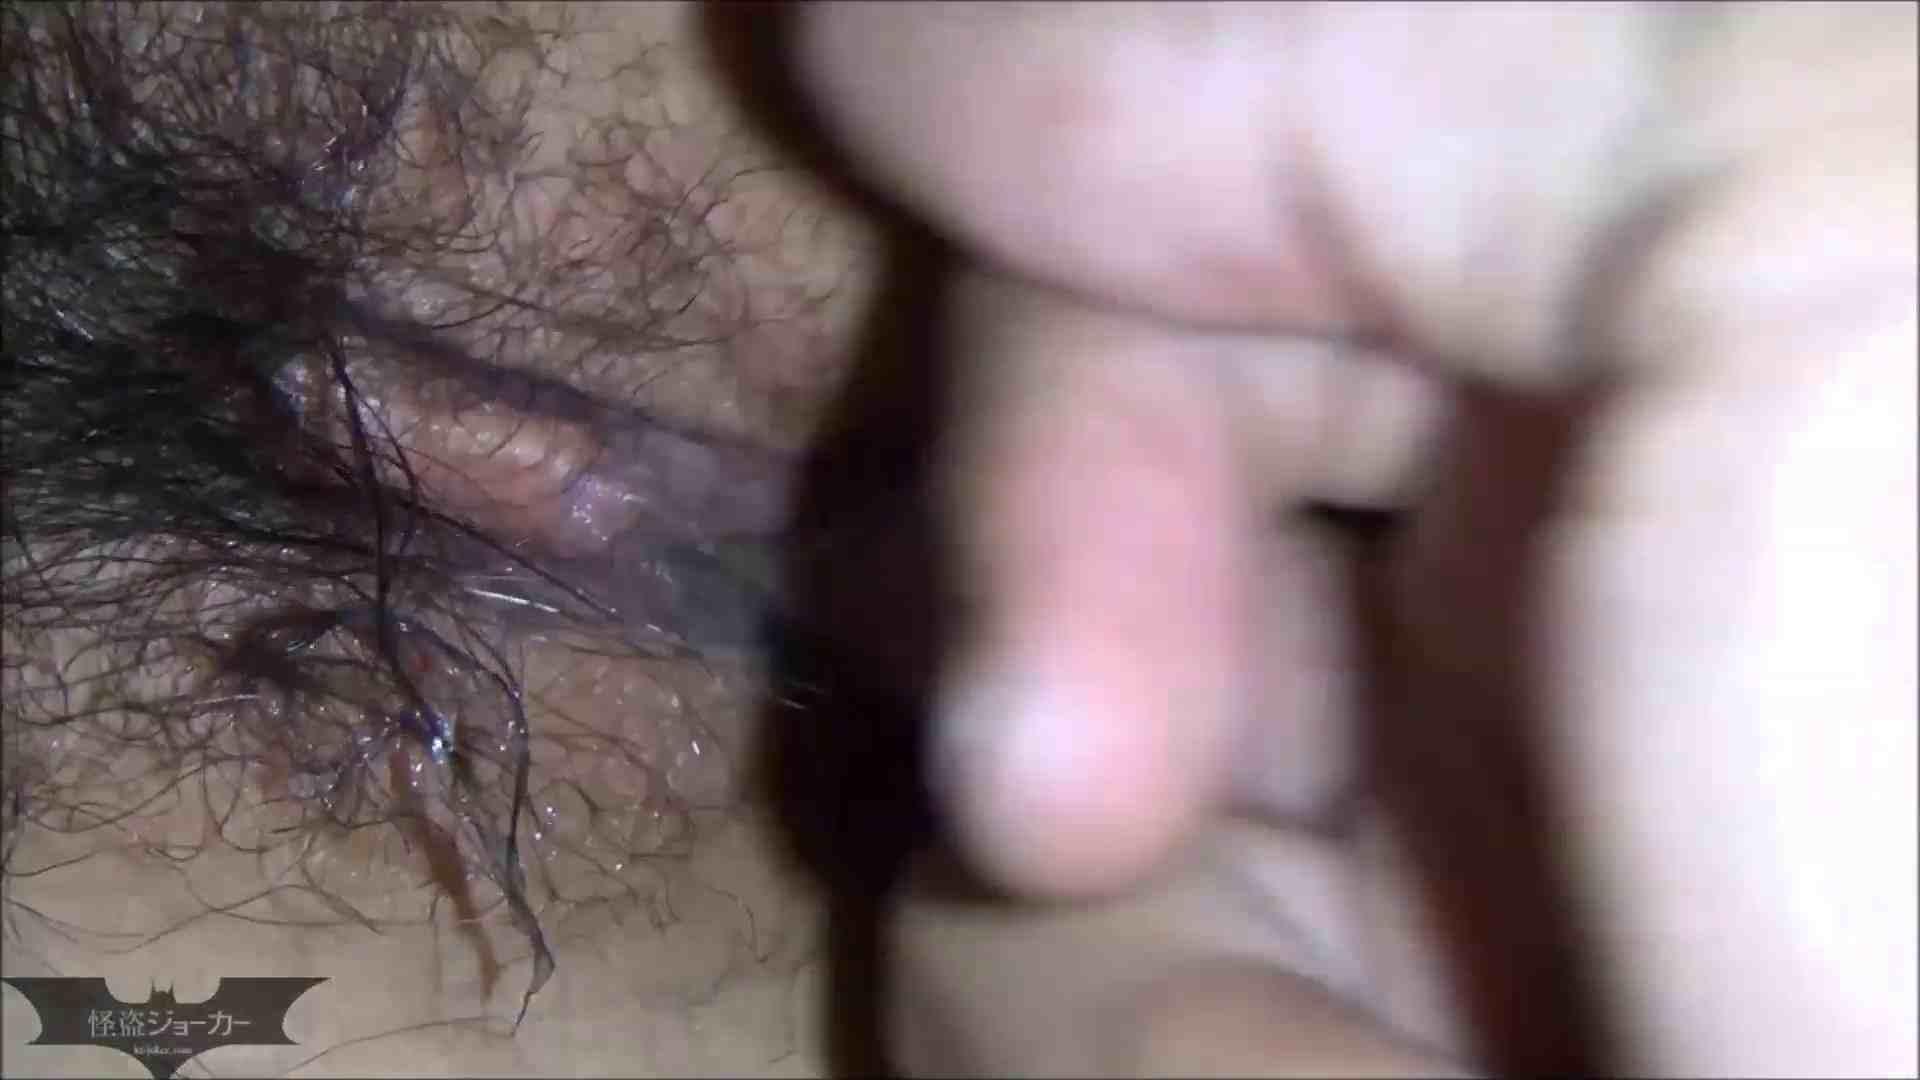 【未公開】vol.68【朋葉】友人が土足で朋葉の膣内に・・・ 盛合せ  107PIX 101